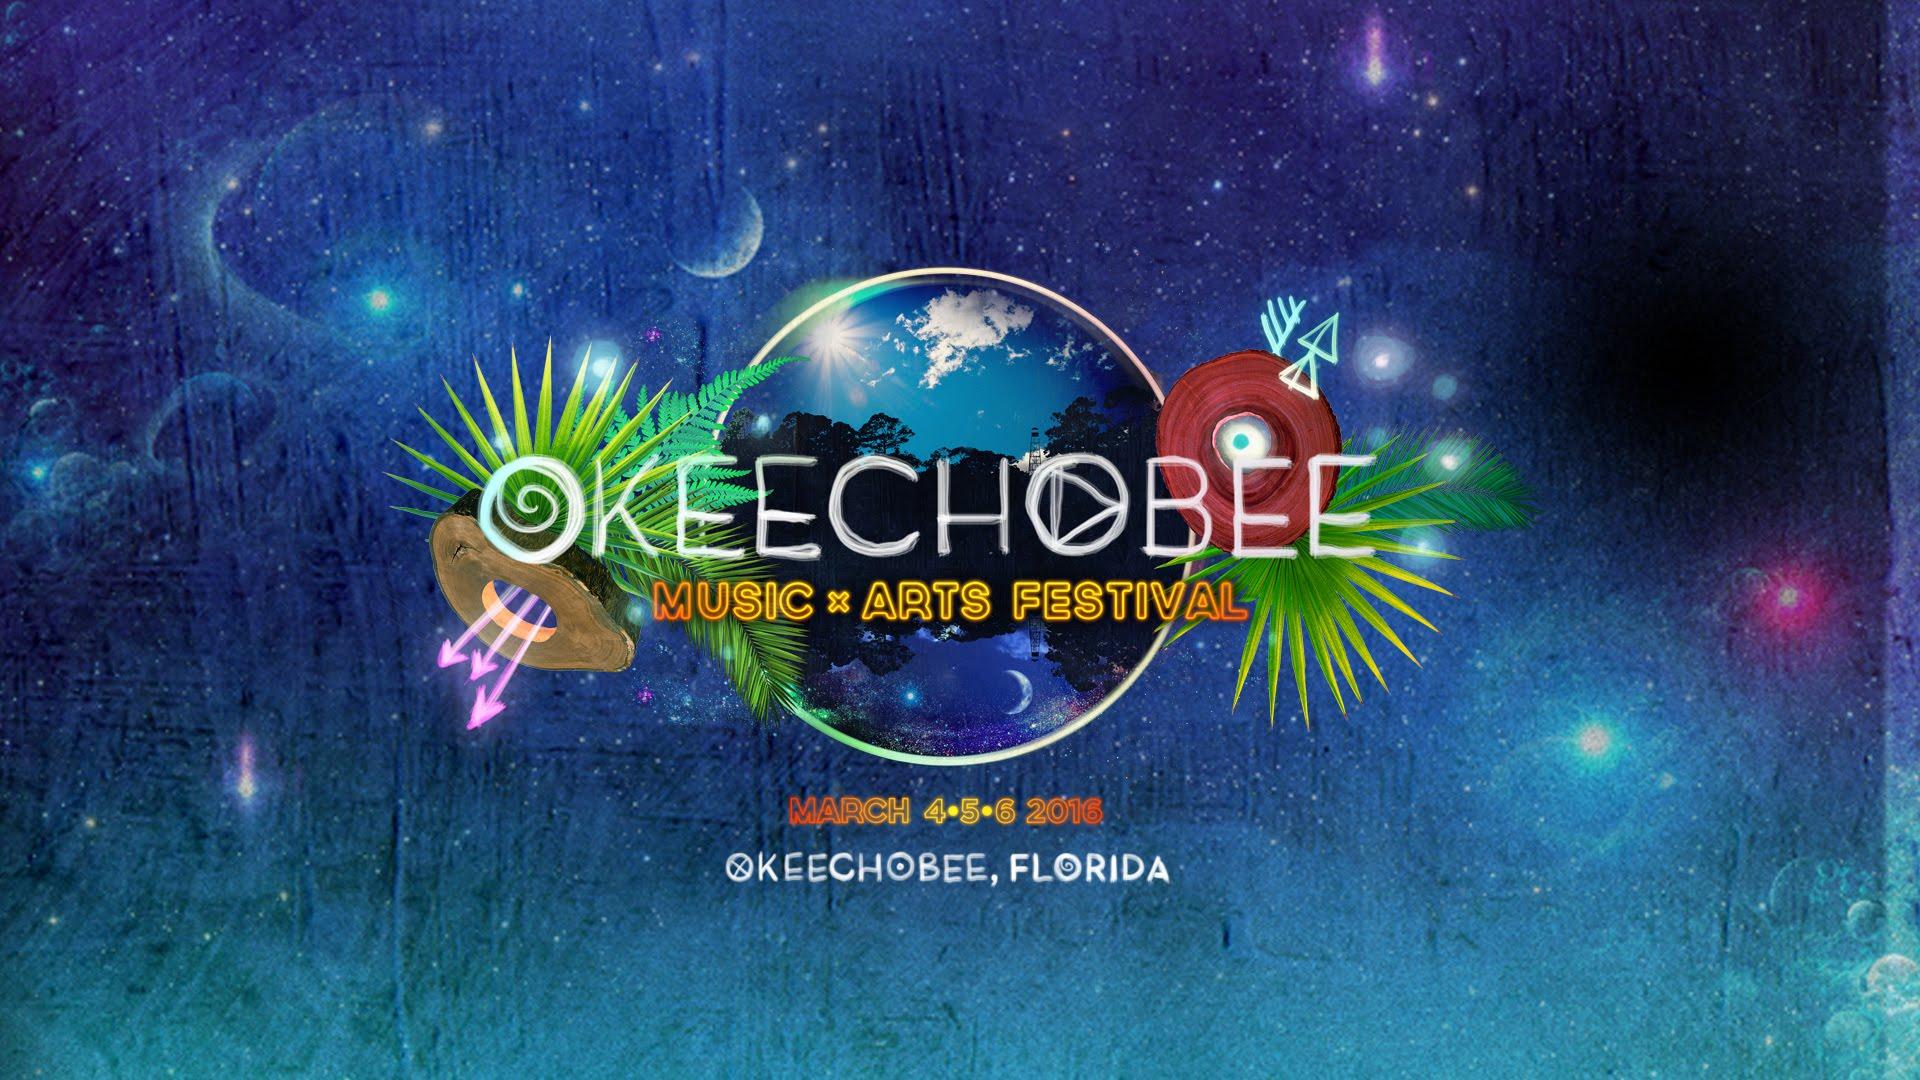 Okeechobee 2016